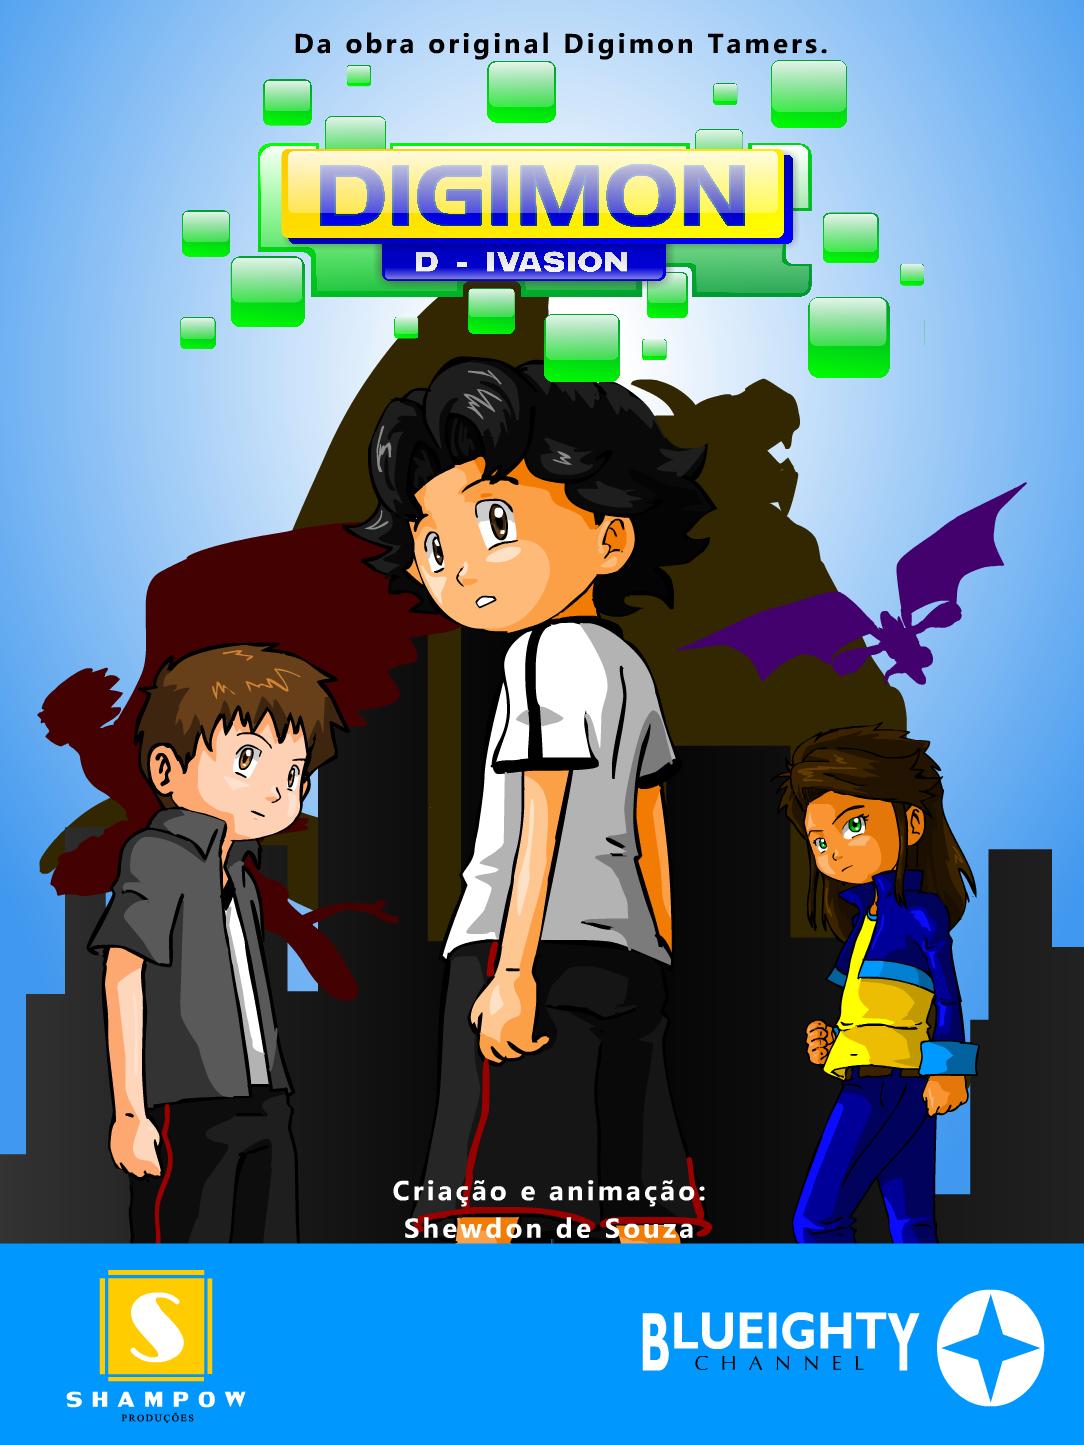 Digimon D-invasion novas imagens e preview do episódio 4 Poster+d-i